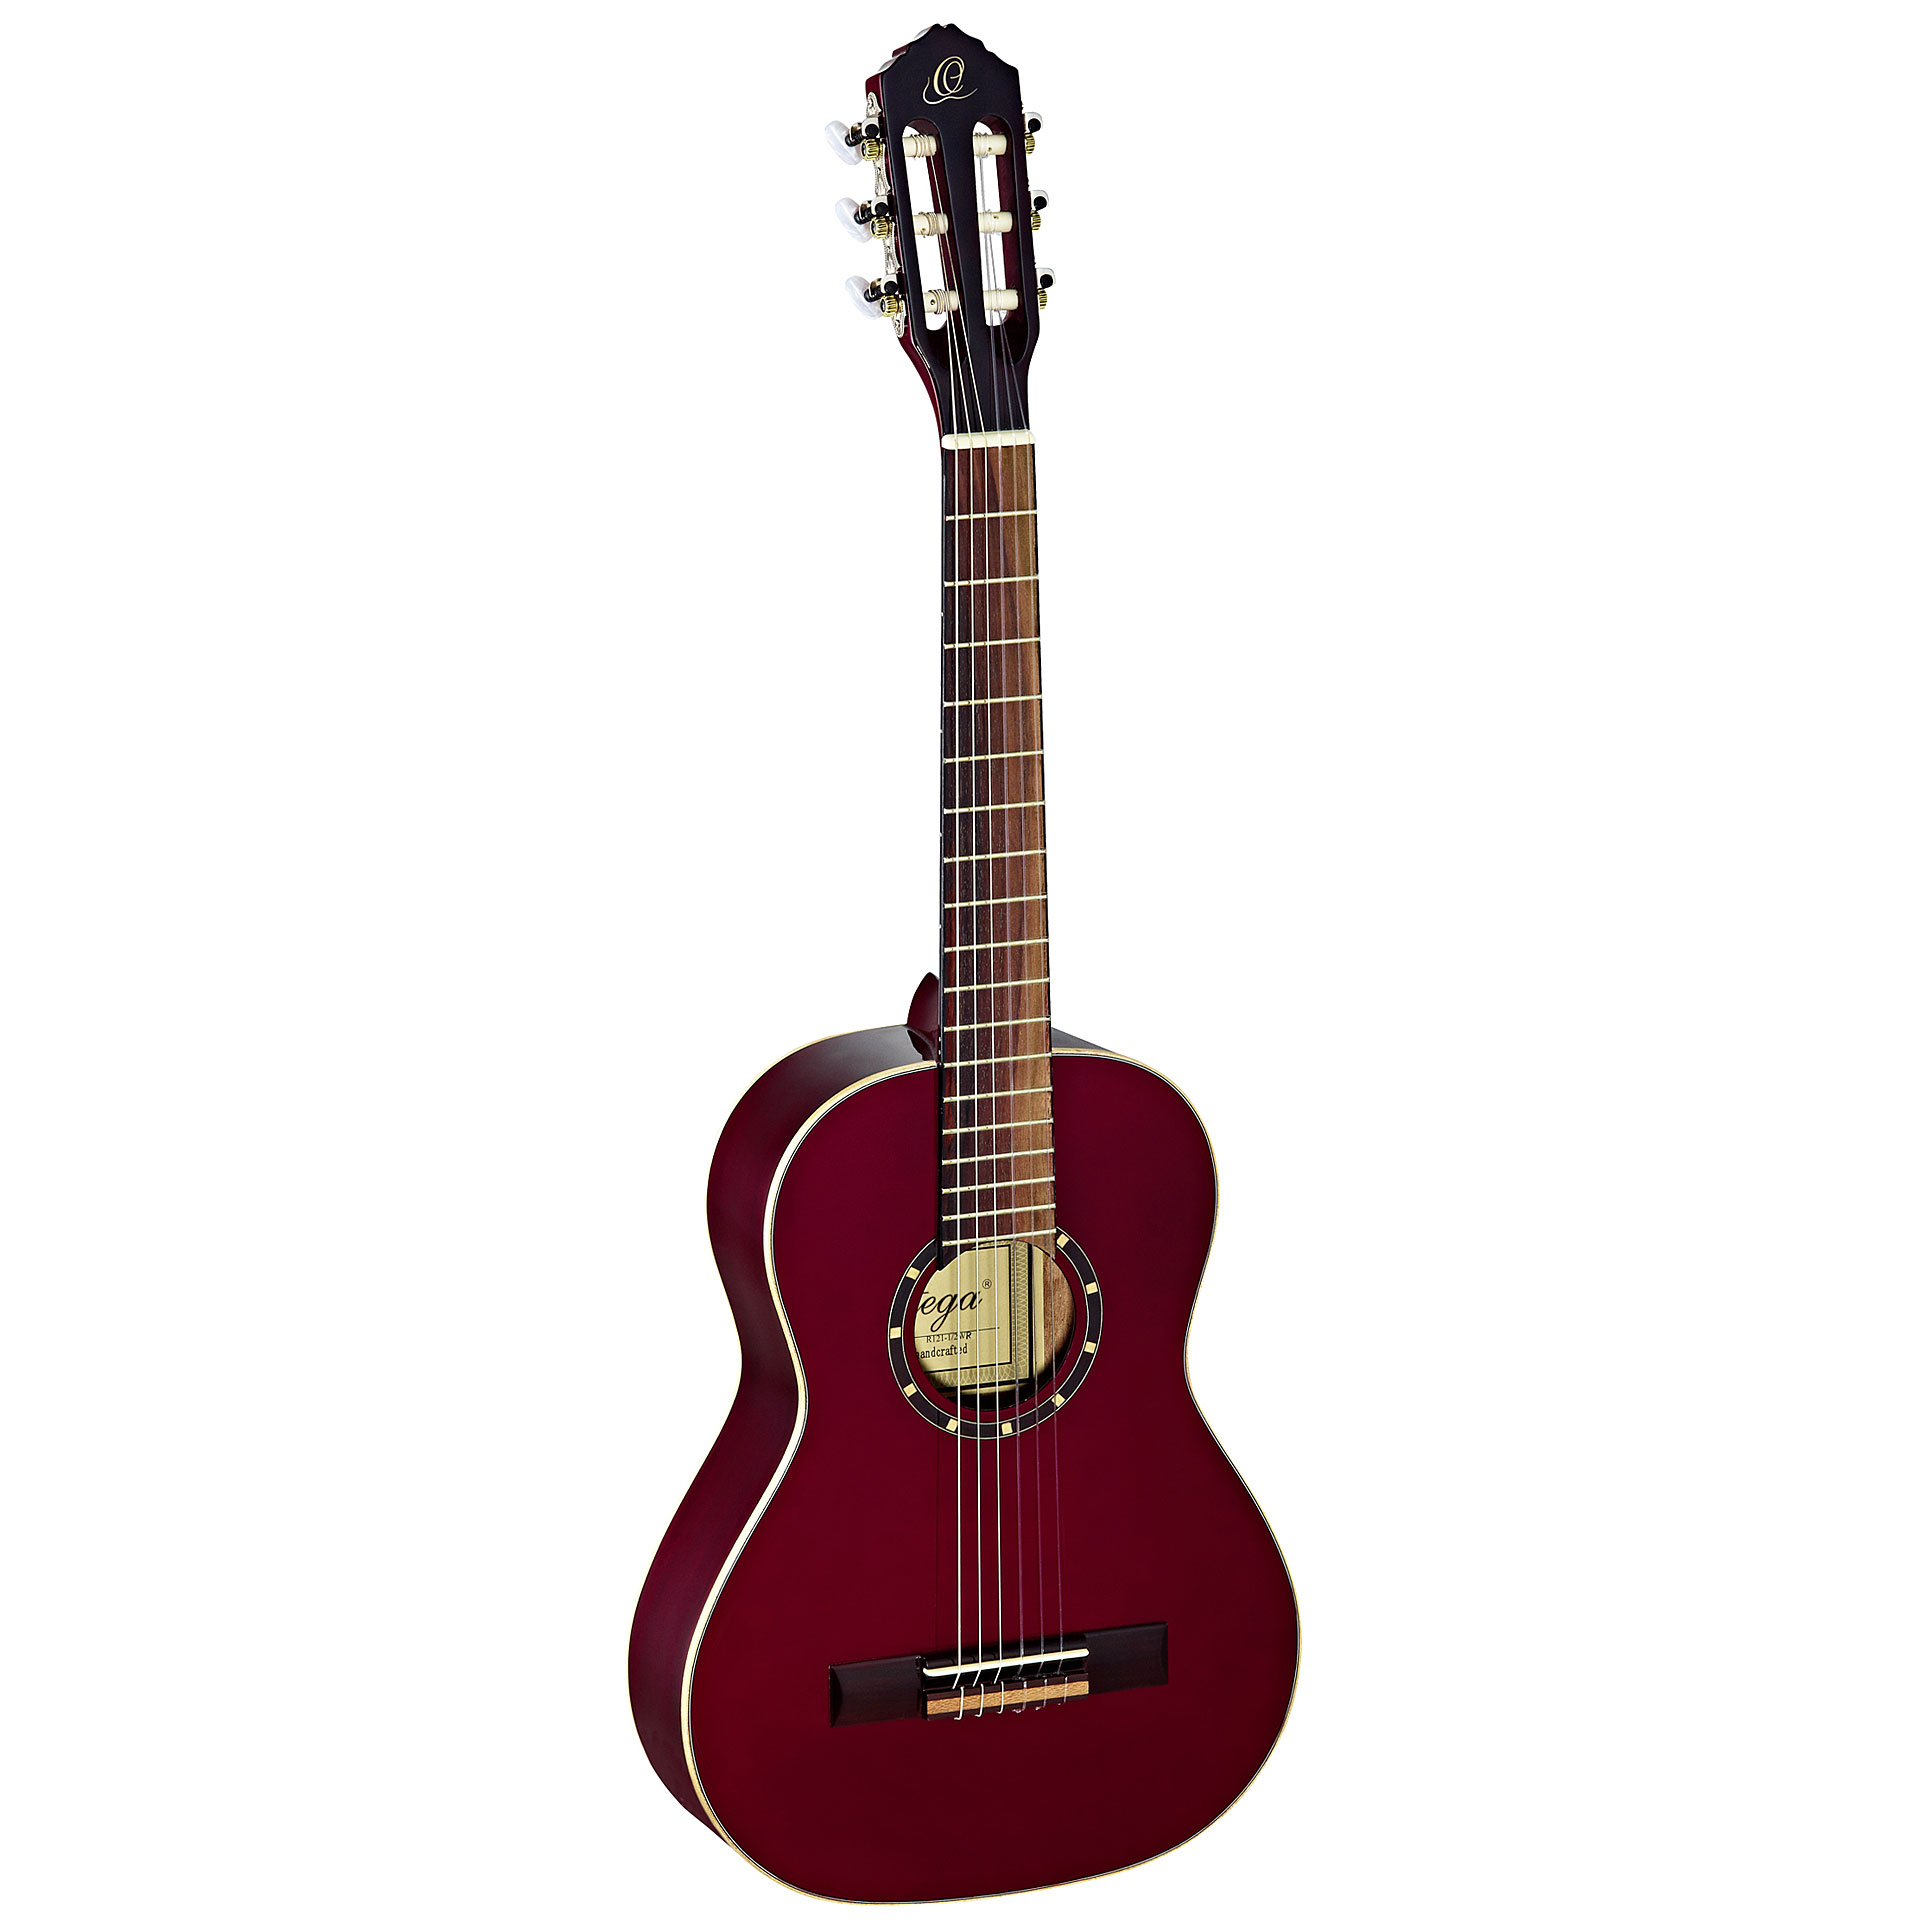 Gitara klasyczna Ortega R121 1 2WR